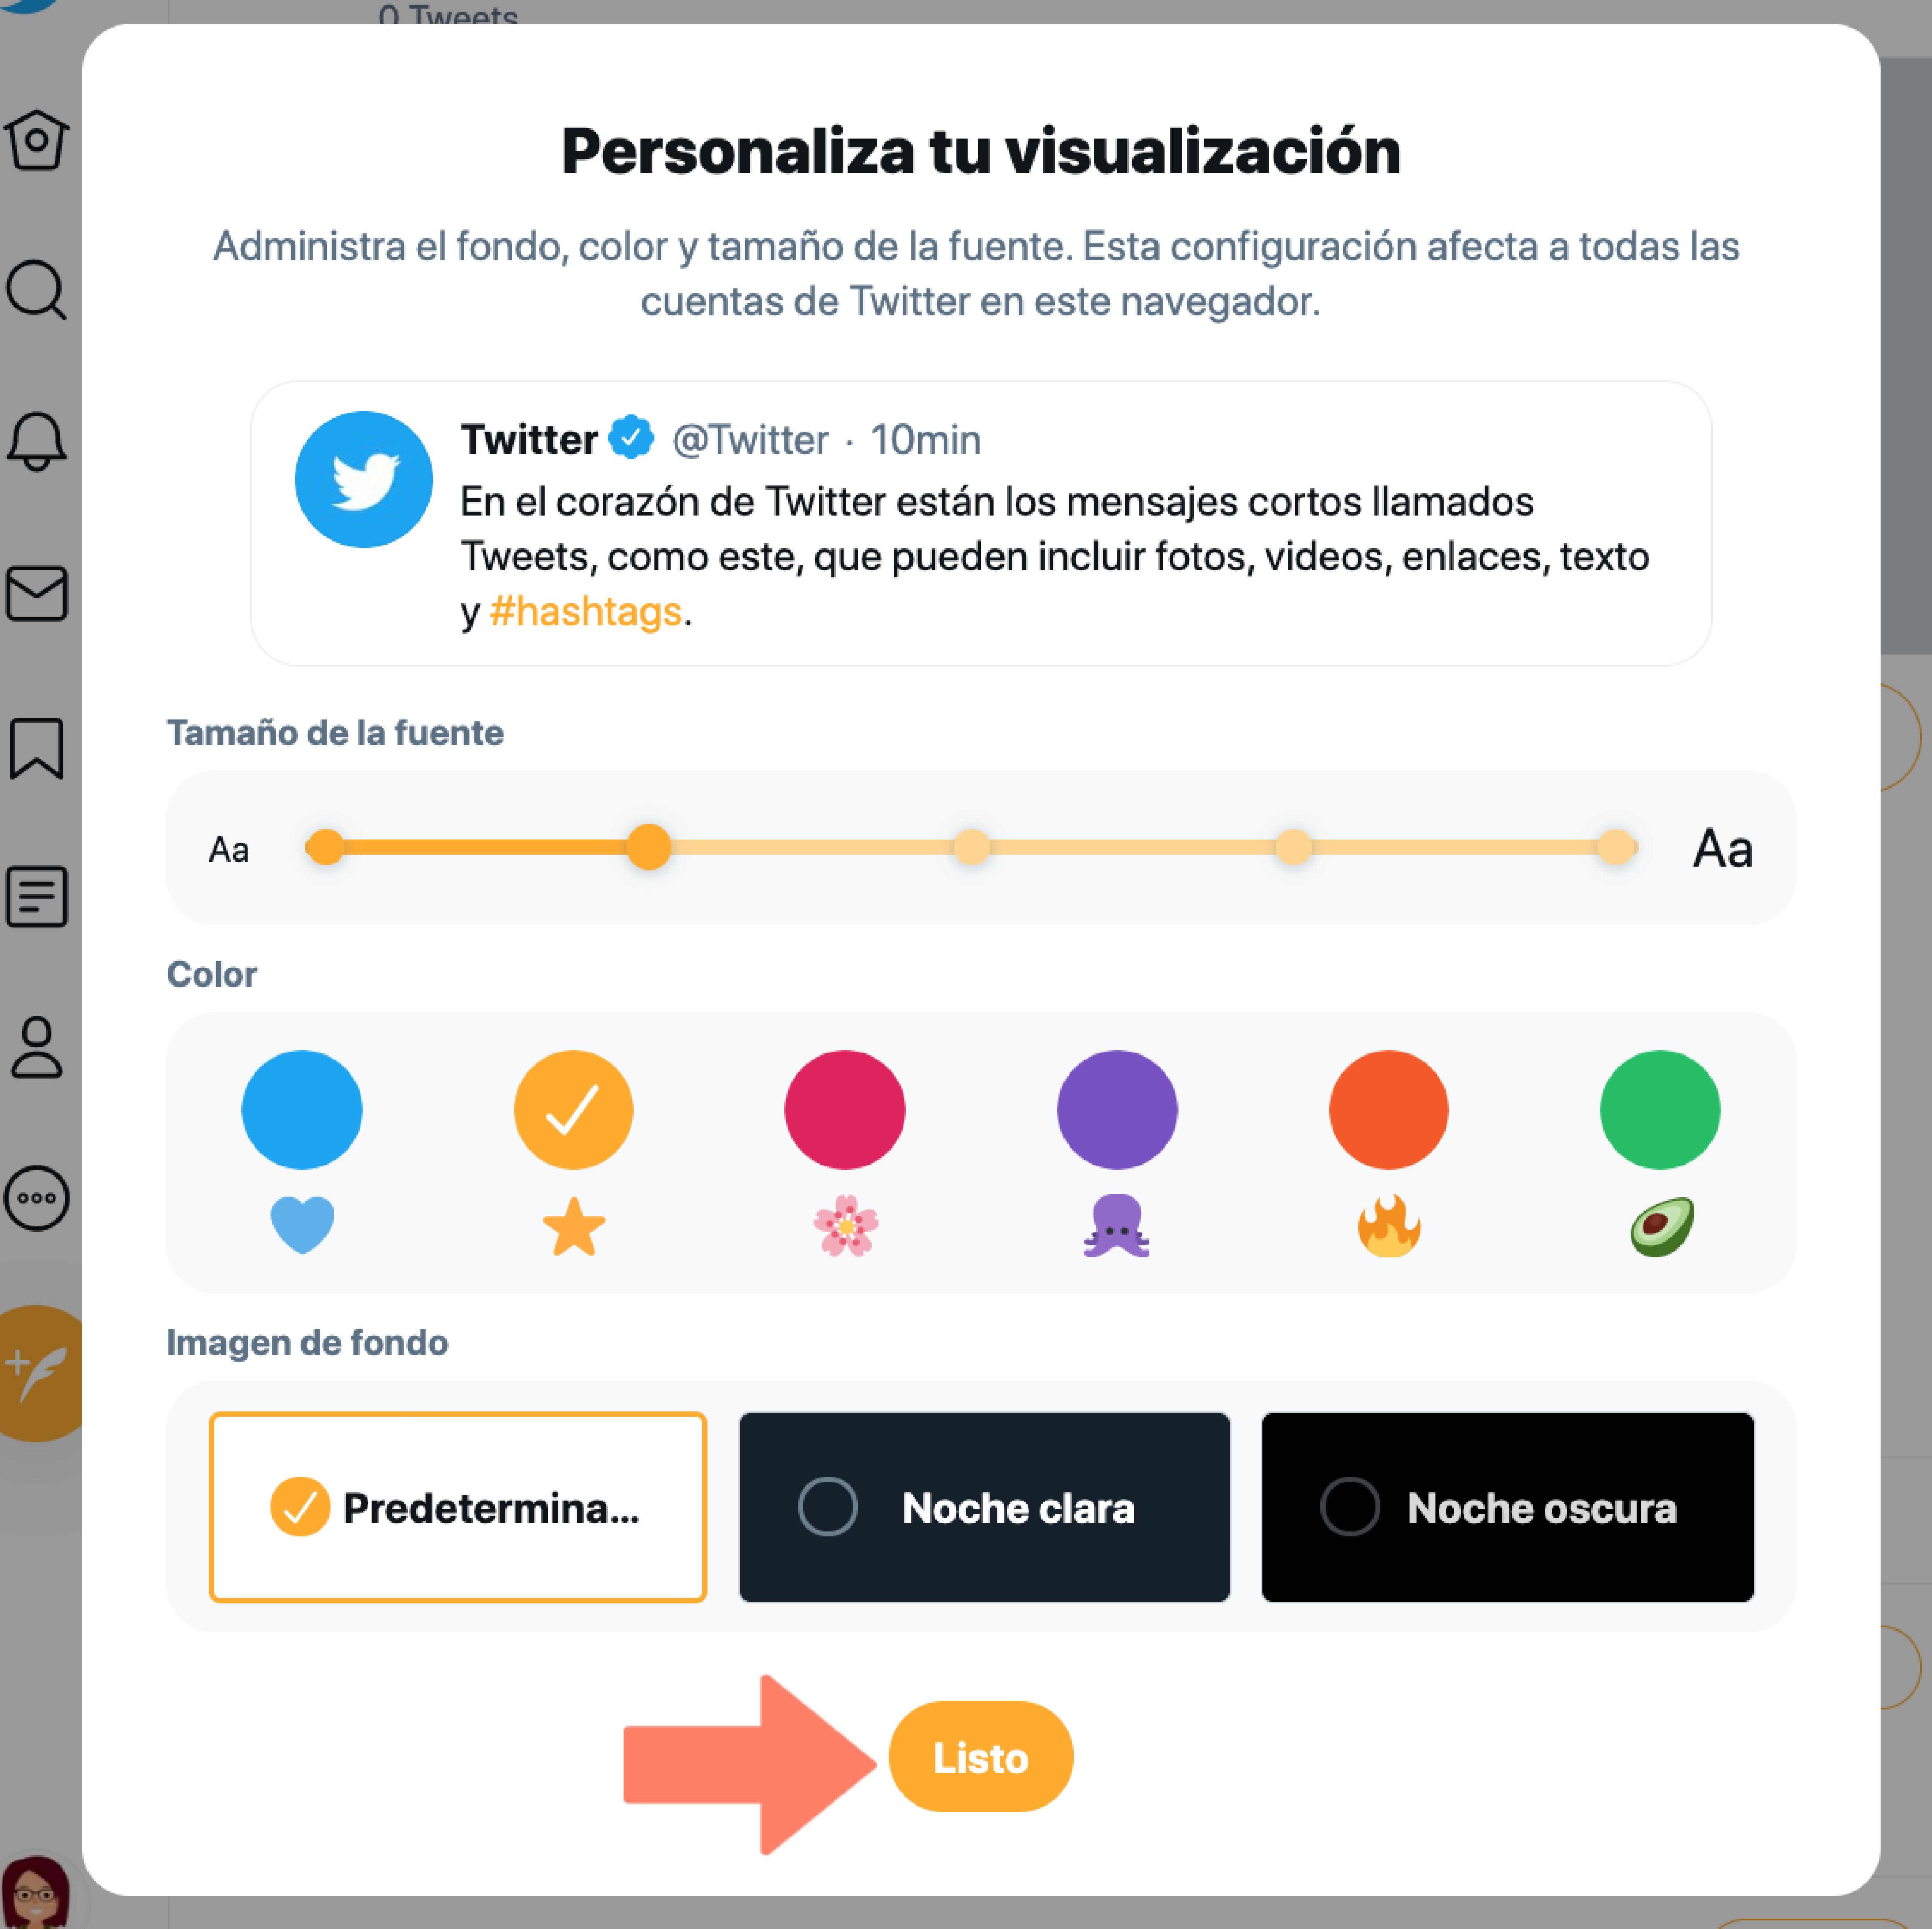 Hacer clic en botón Listo, para guardar los cambios tras la personalización de la interfaz en Twitter.